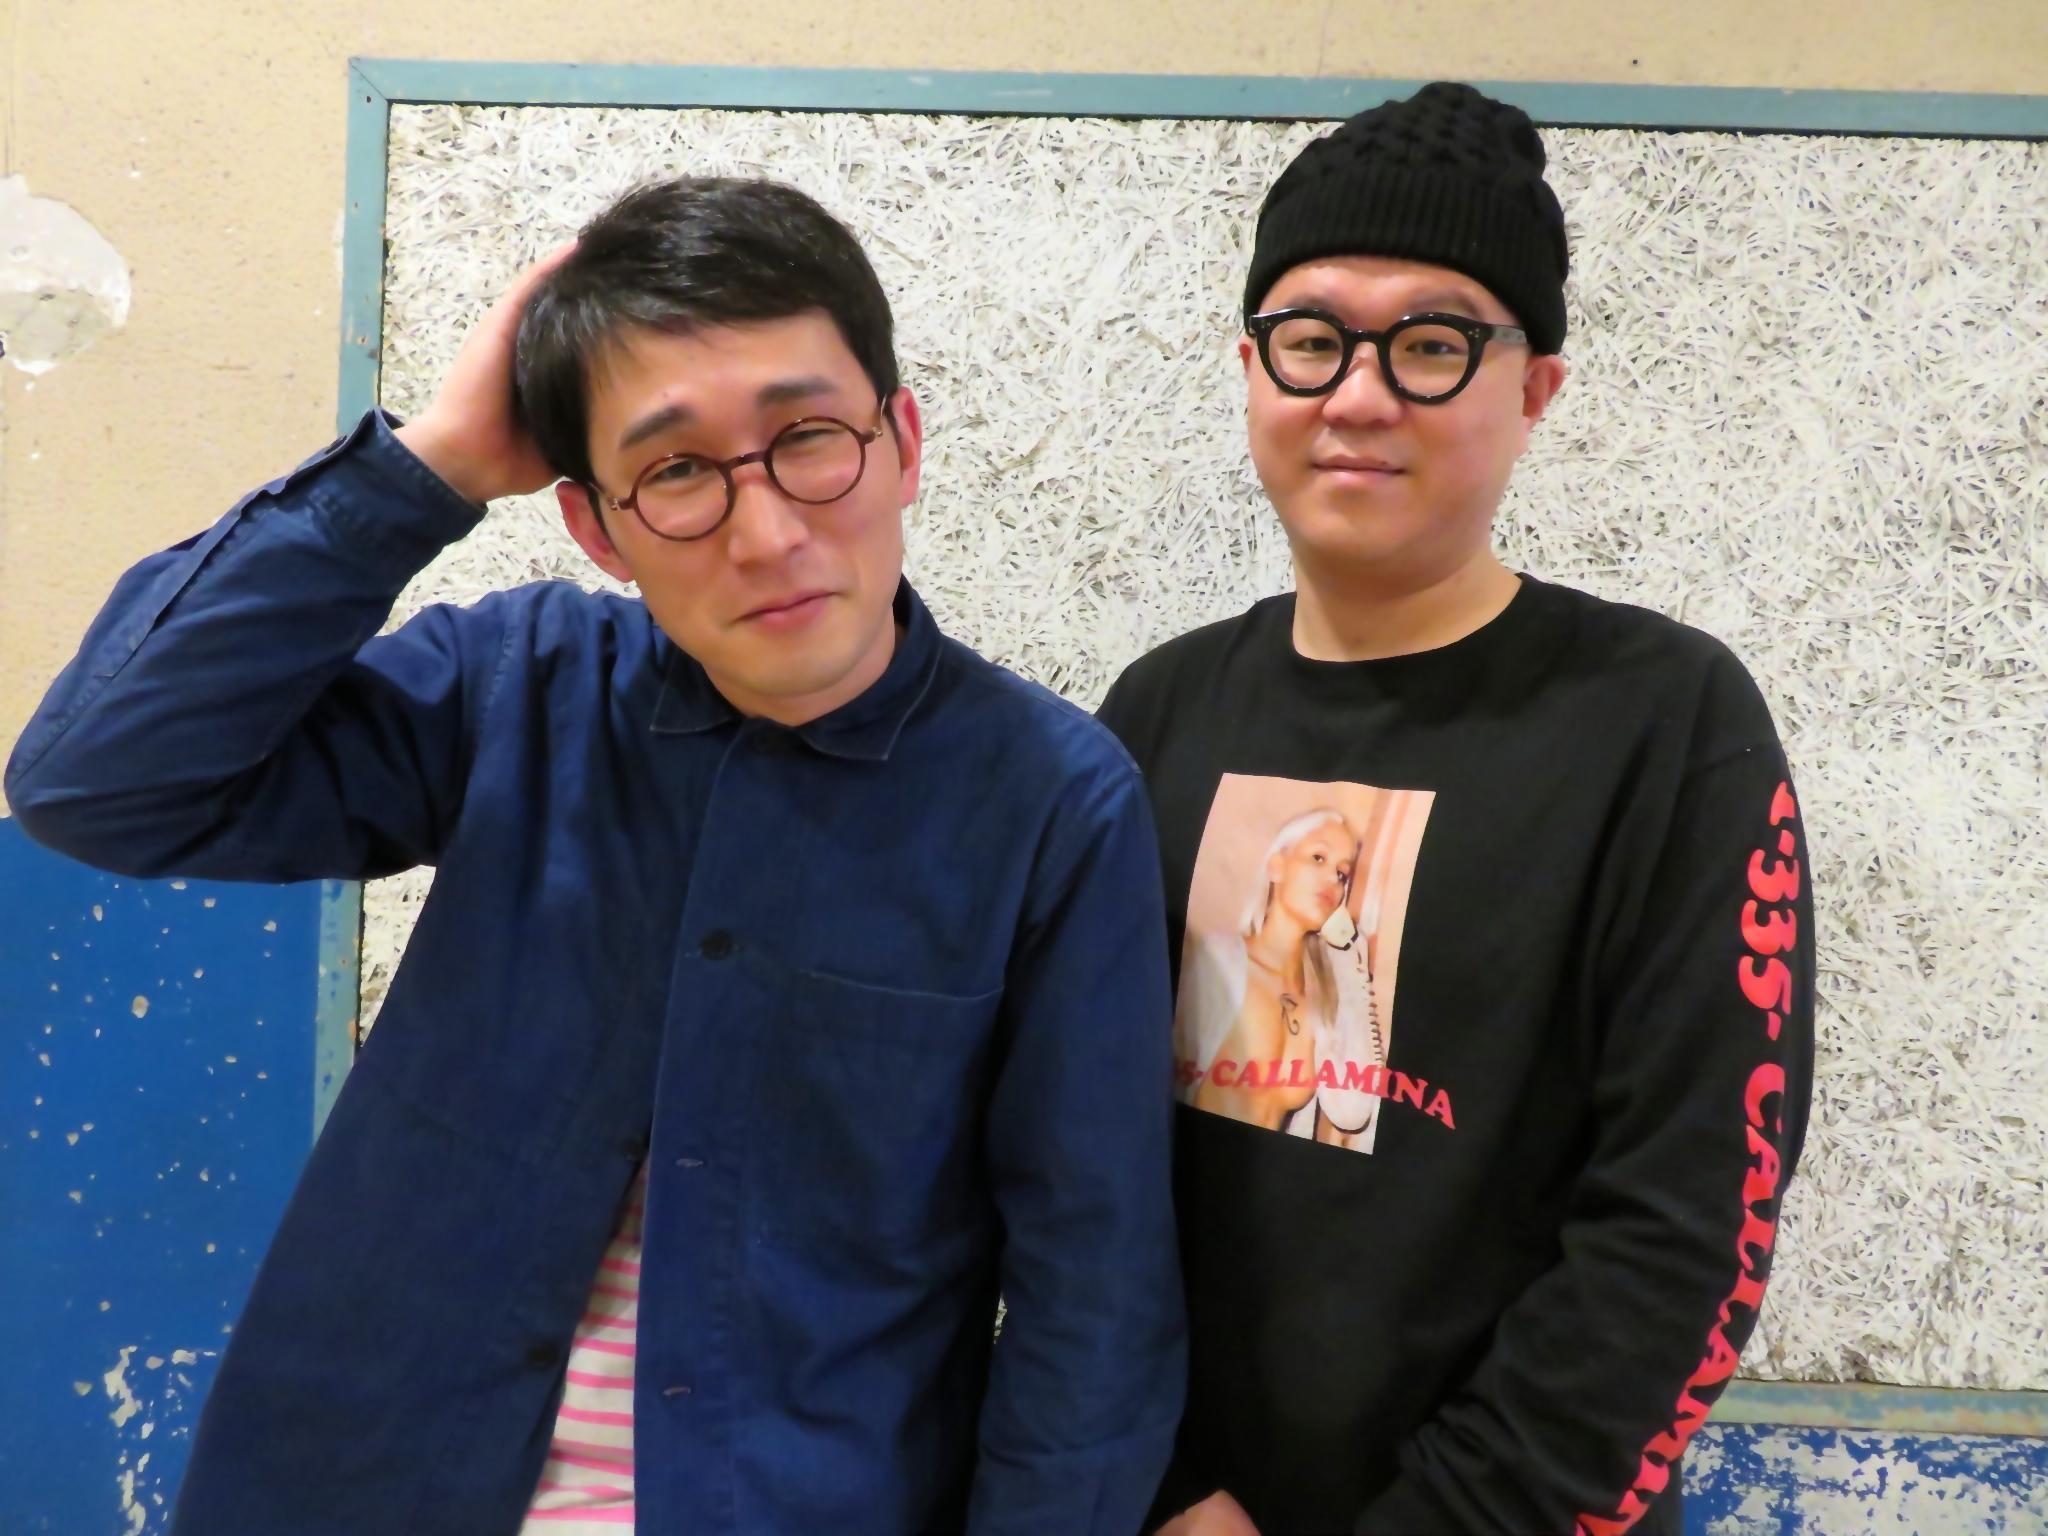 http://news.yoshimoto.co.jp/20180227204205-cd4ca5c32606bea38f9dd86298c4673e35e002bc.jpg